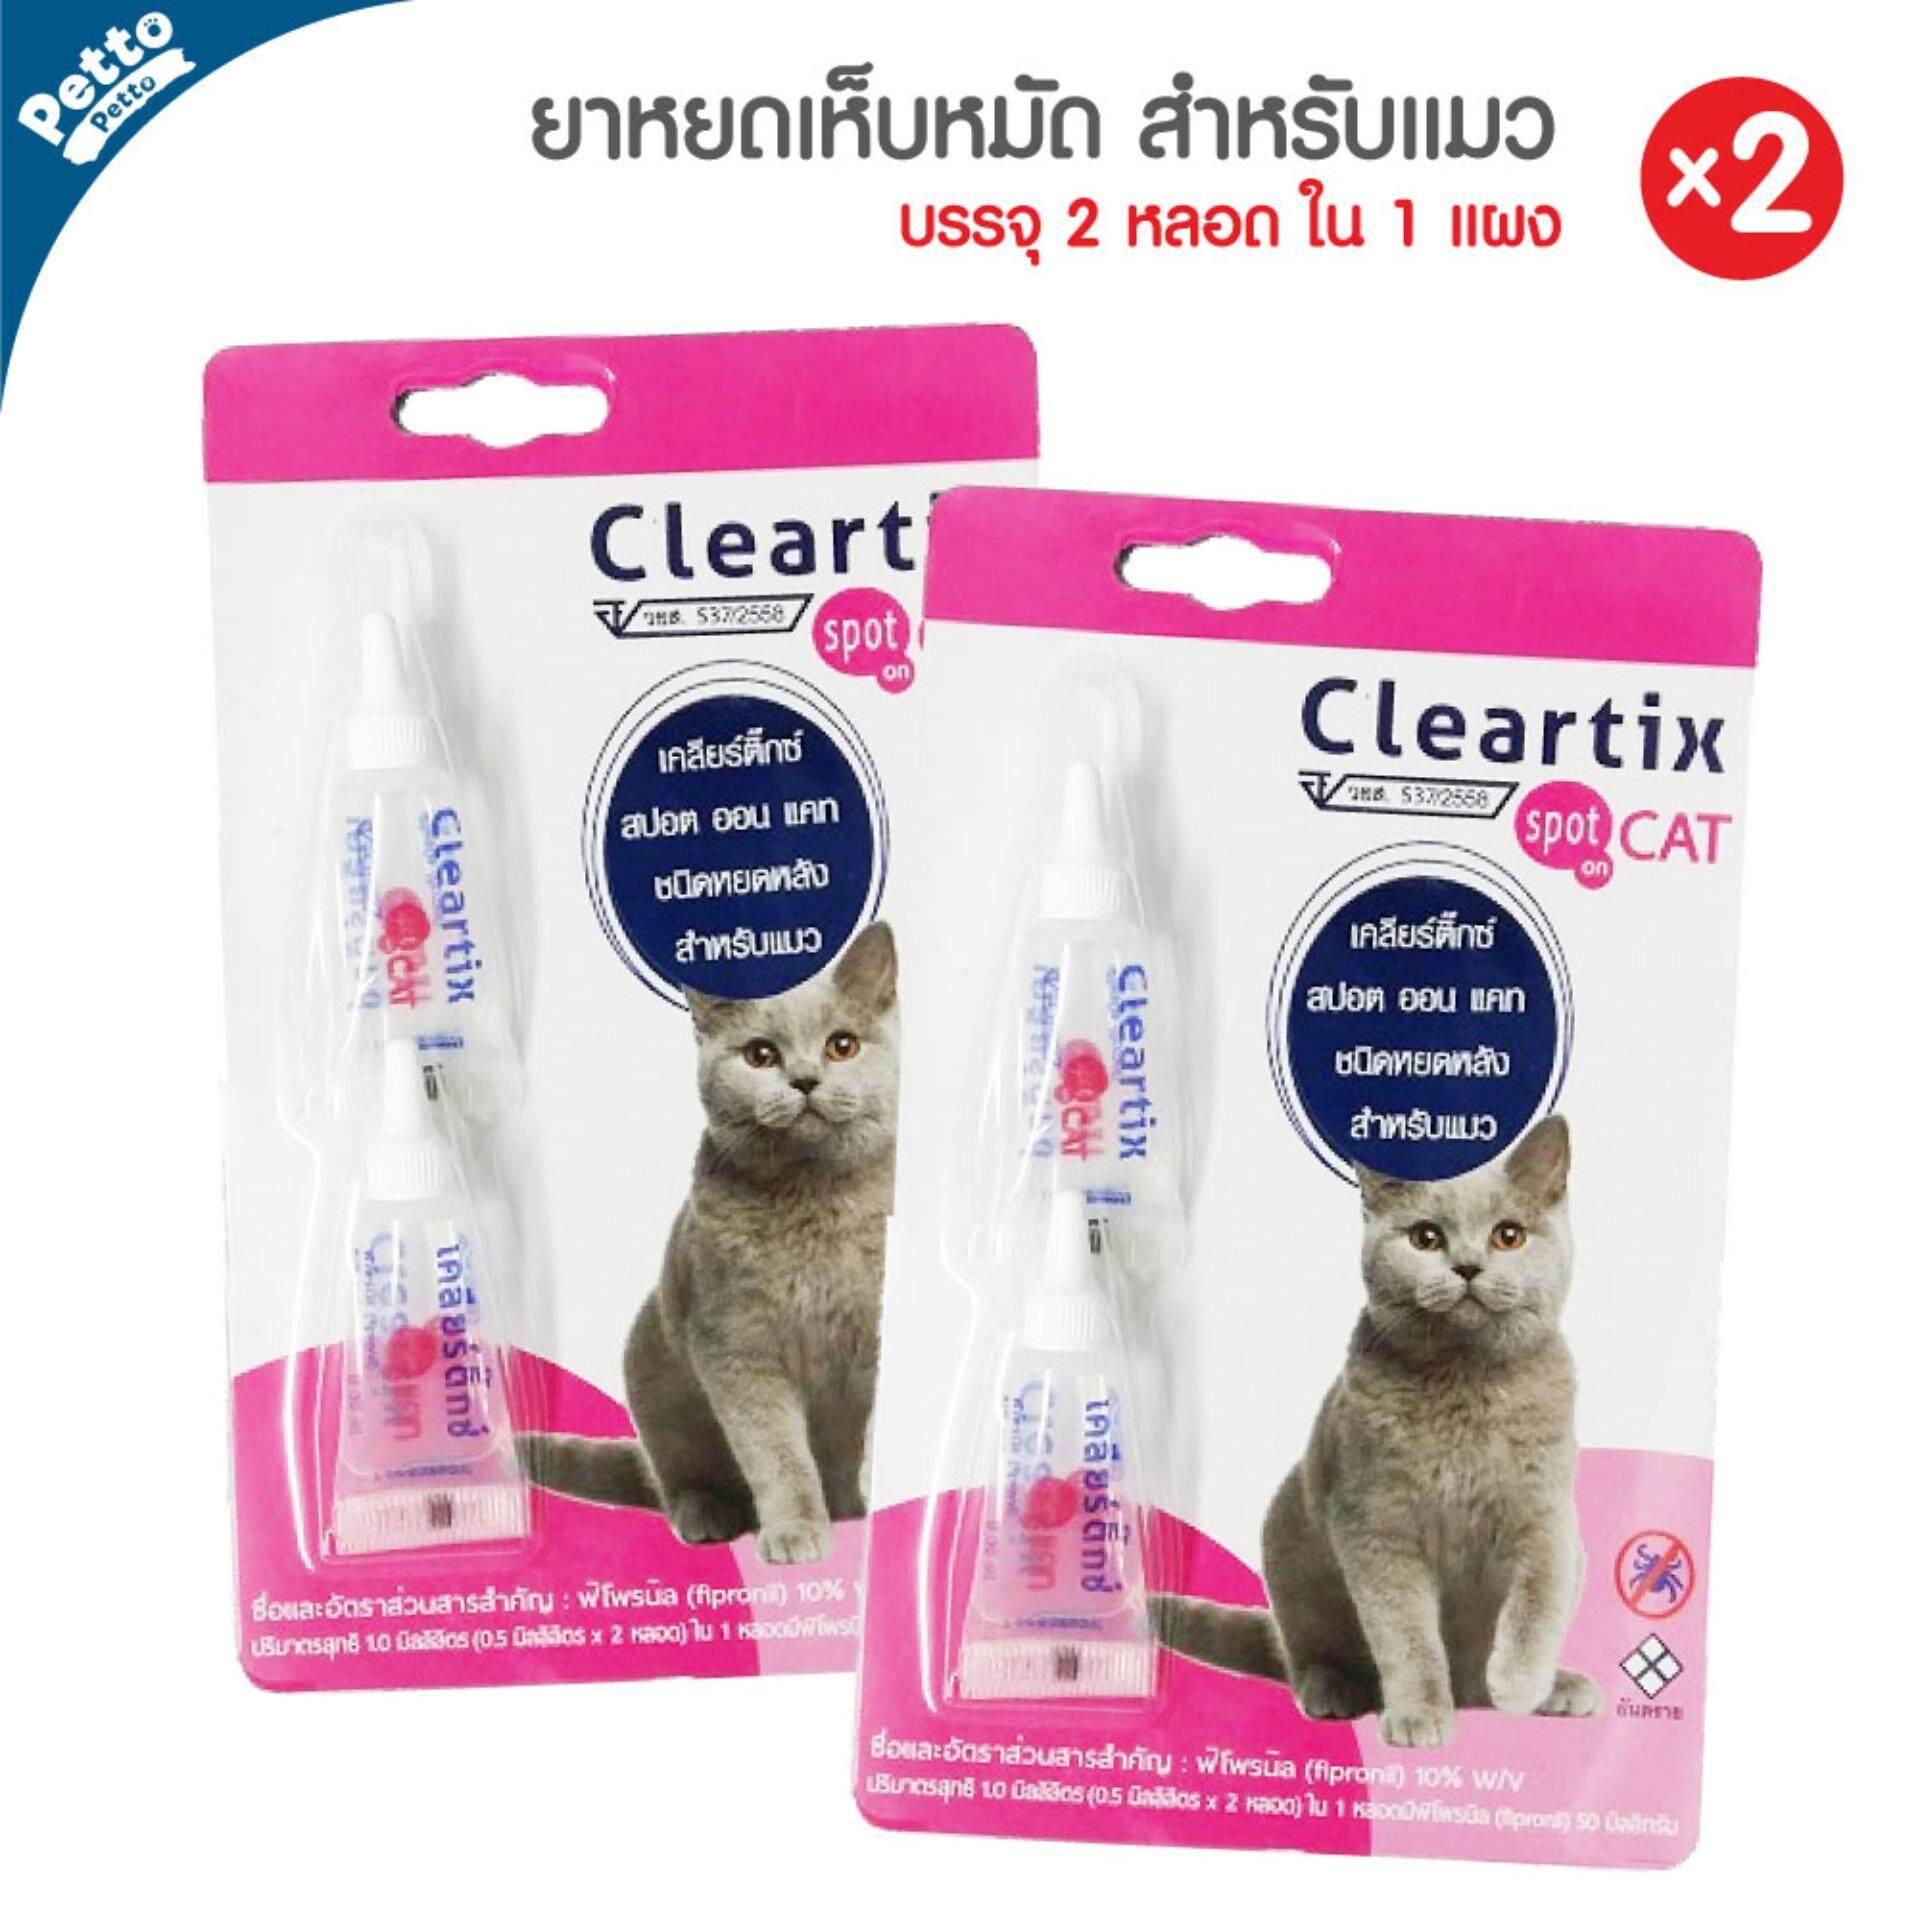 Cleartix ยาหยอดหลัง ยาหยดเห็บหมัด สำหรับแมว 1 แพค 2 ชิ้น - 2 แพ็ค By Petto Petto.